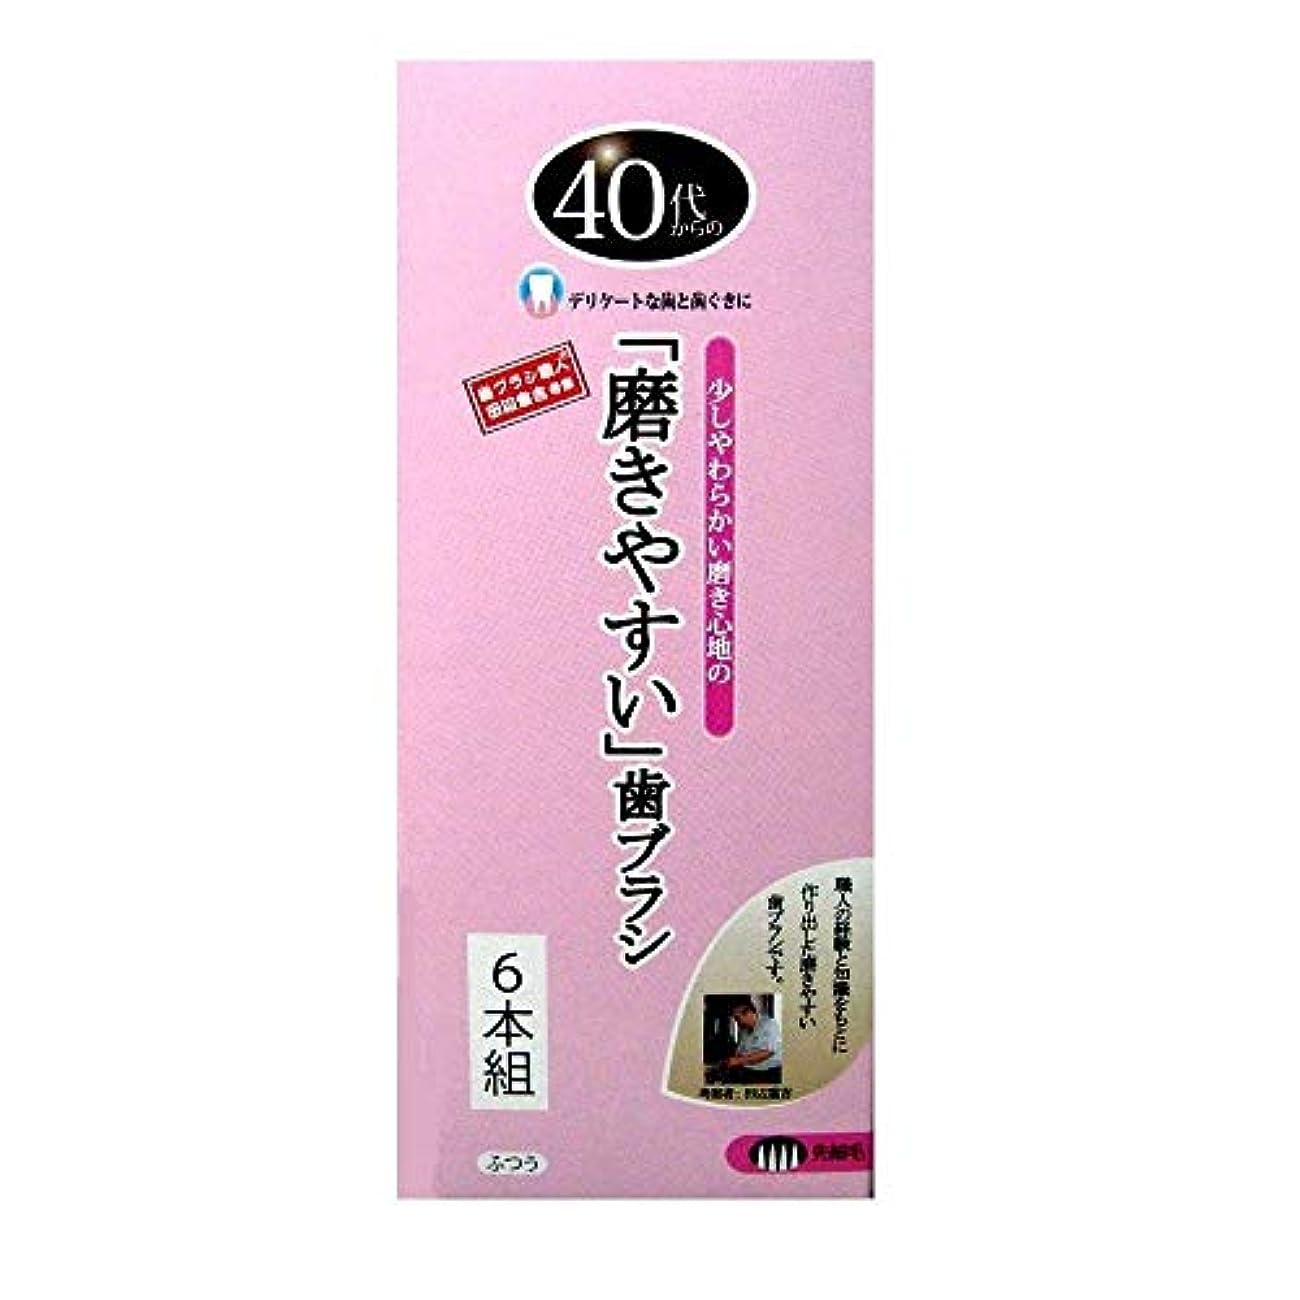 紫の動詞争い歯ブラシ職人 Artooth ® 田辺重吉の磨きやすい 40代からの歯ブラシ 歯ぐきにやさしい 細めの毛 先細毛 日本製 6本セットLT-15-6